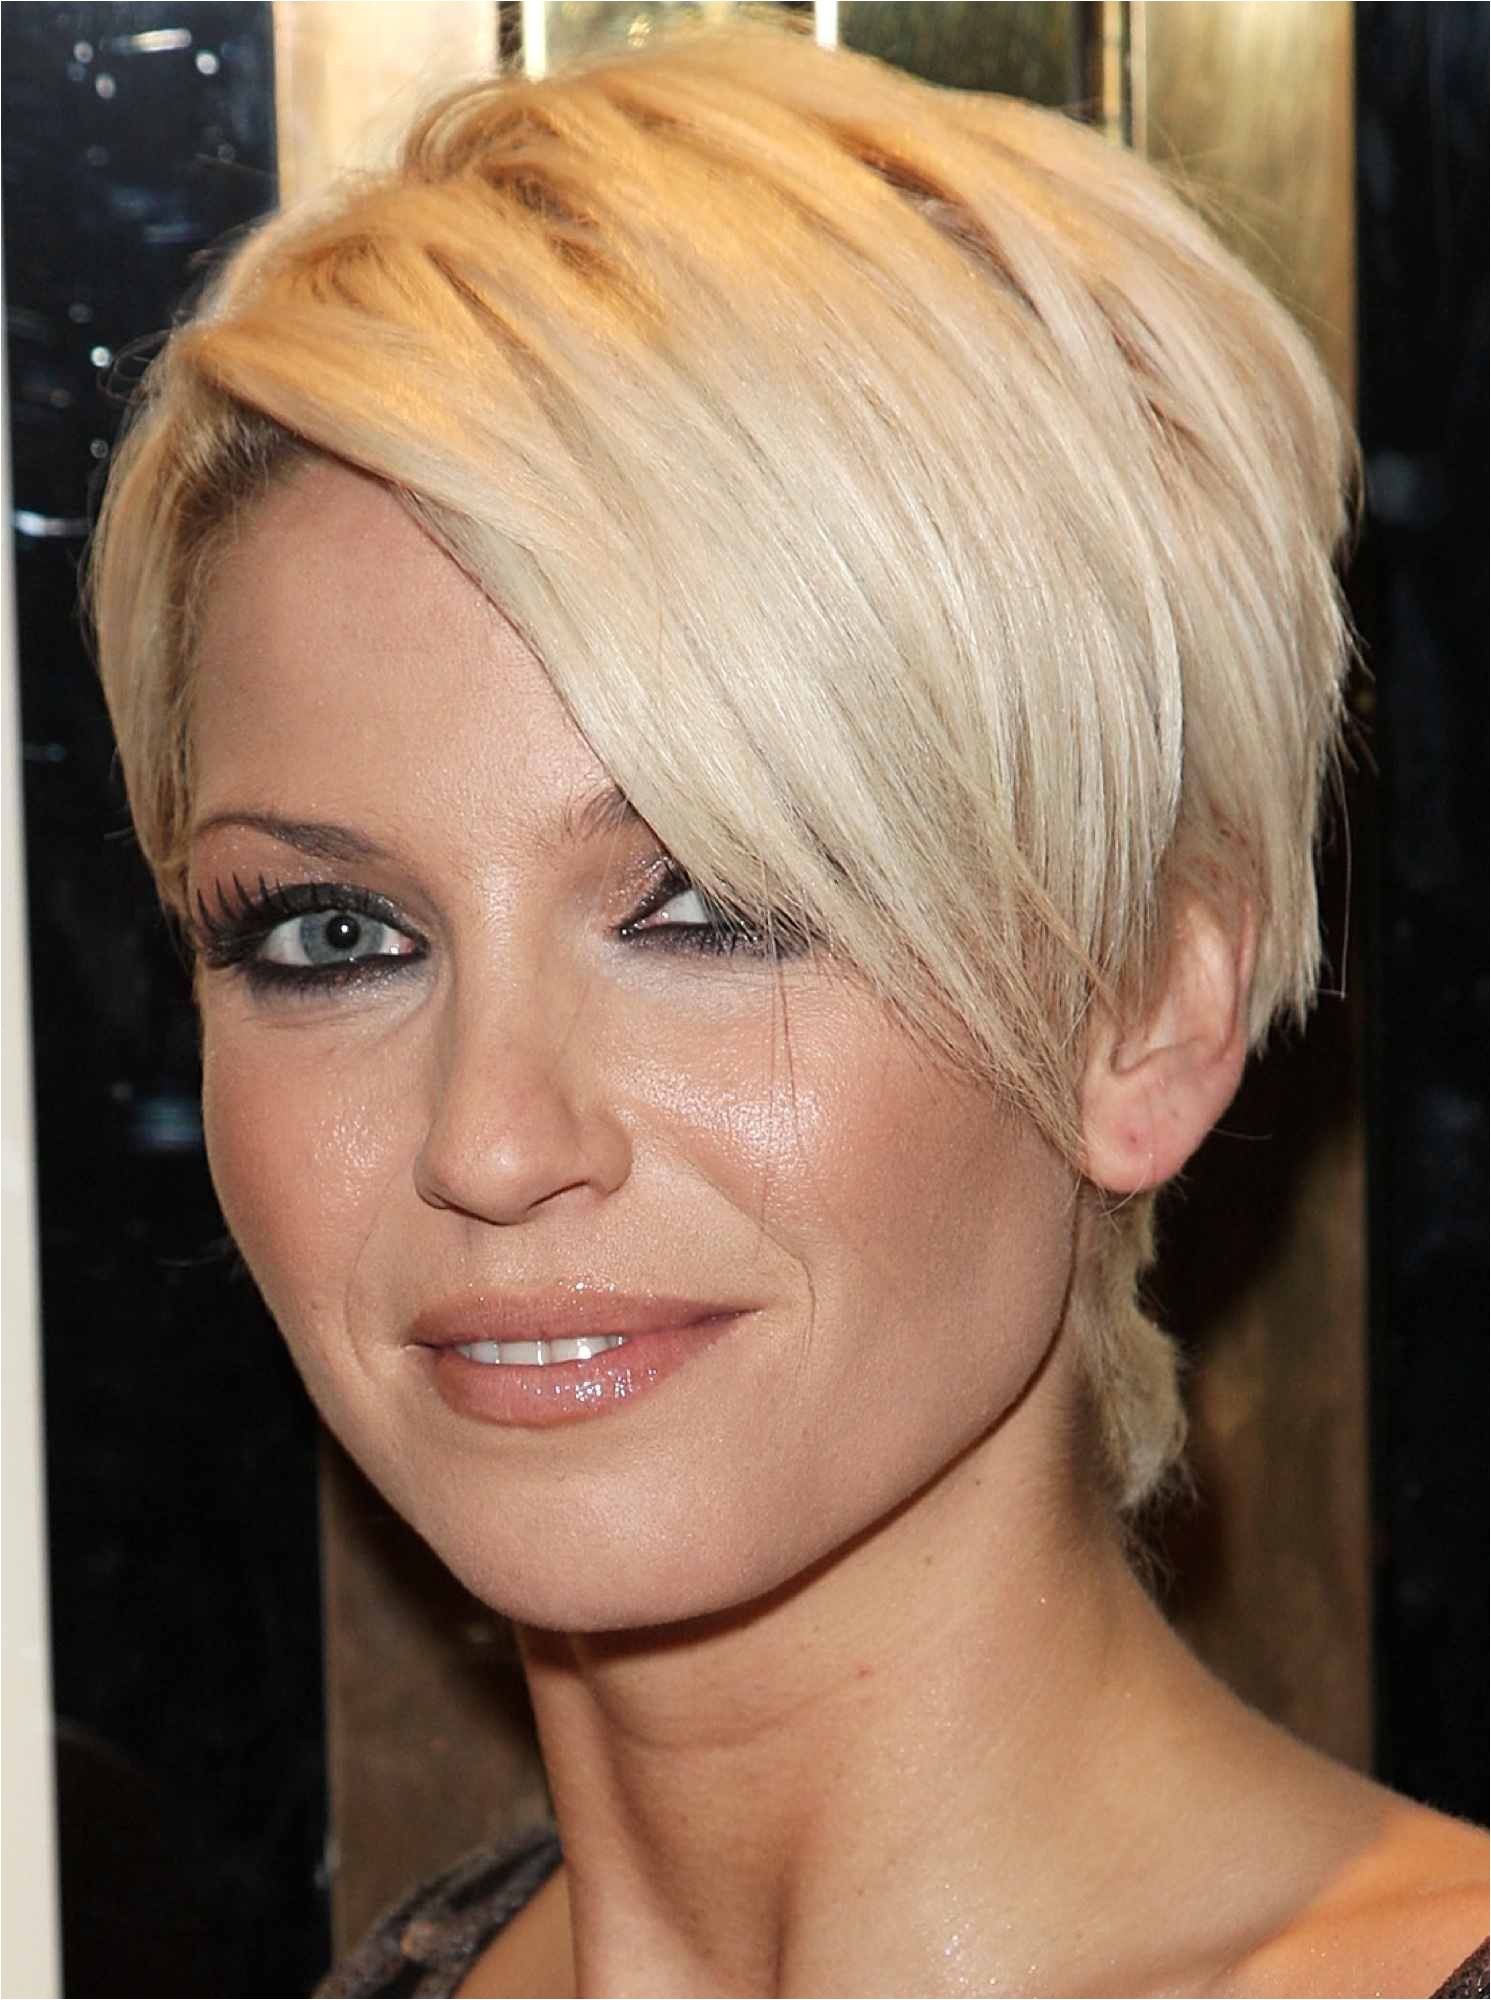 sarah harding short hair cut 56a0826a5f9b58eba4b122d1